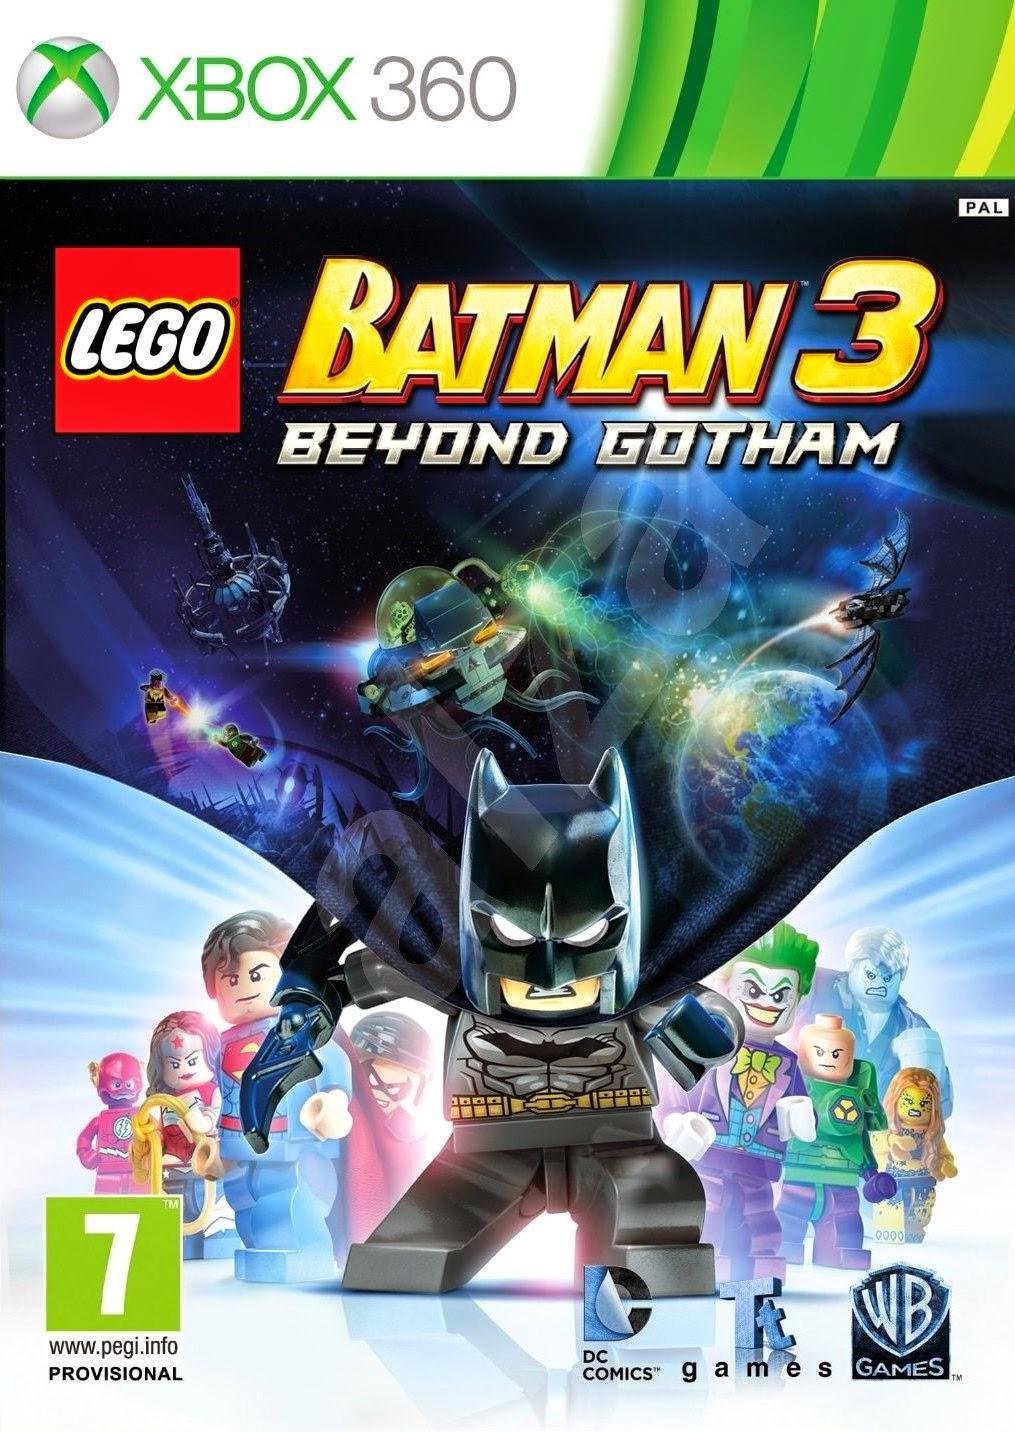 LEGO Batman 3 Beyond Gotham XBOX 360 Cover Caratula